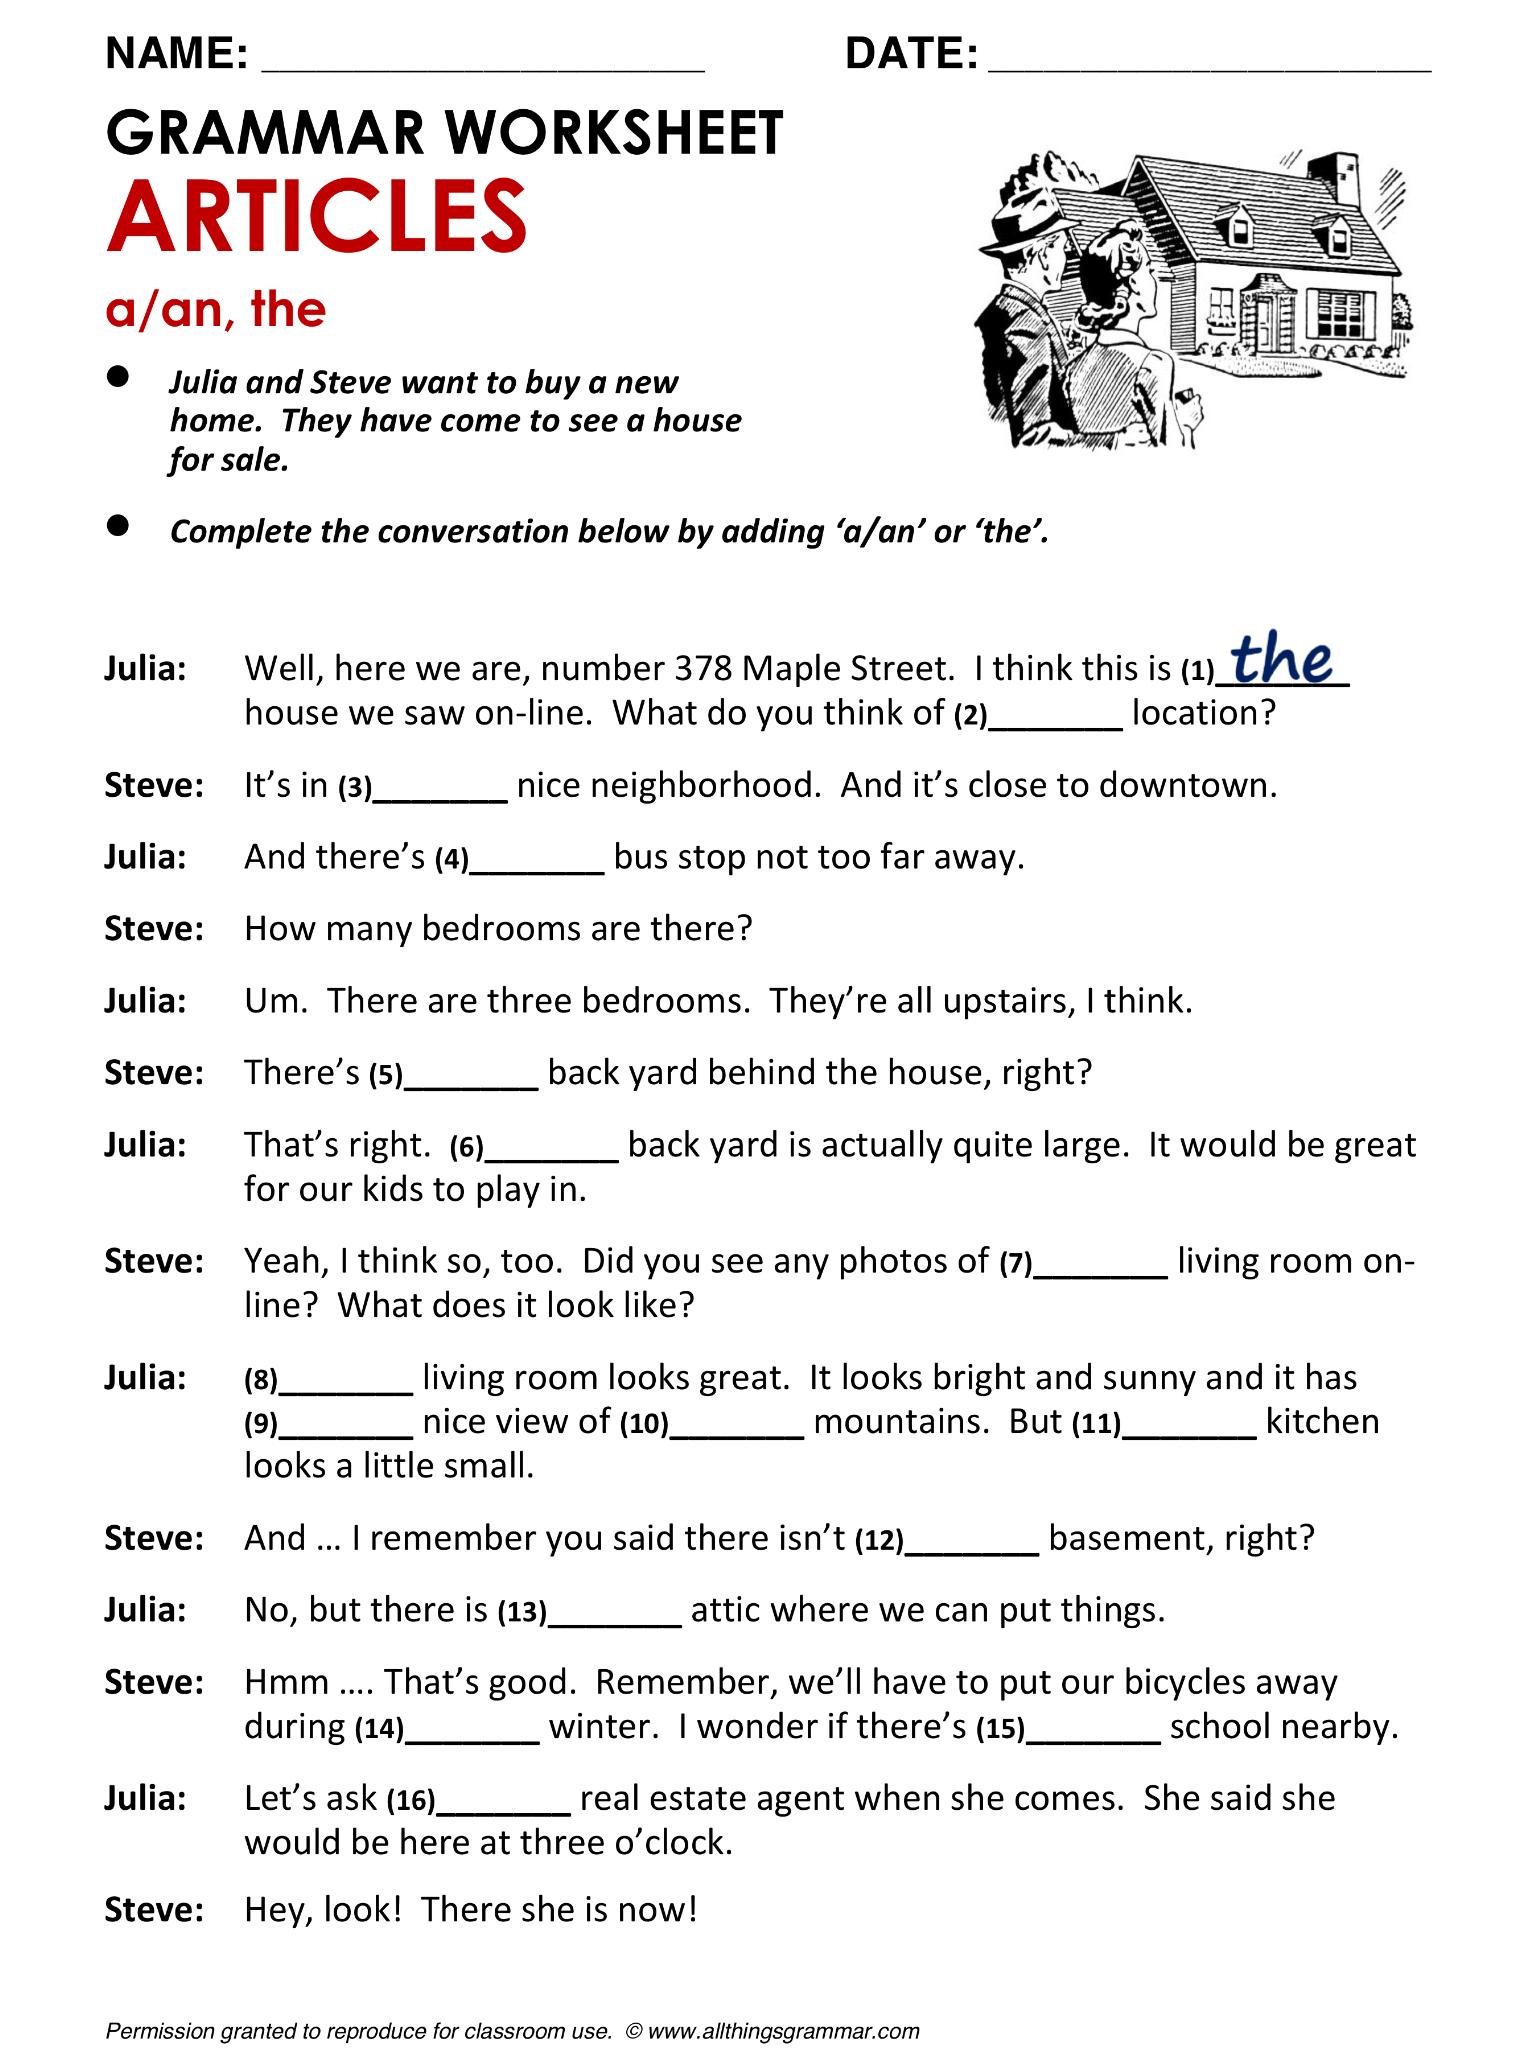 English Grammar Articles www.allthingsgrammar.com/articles ...